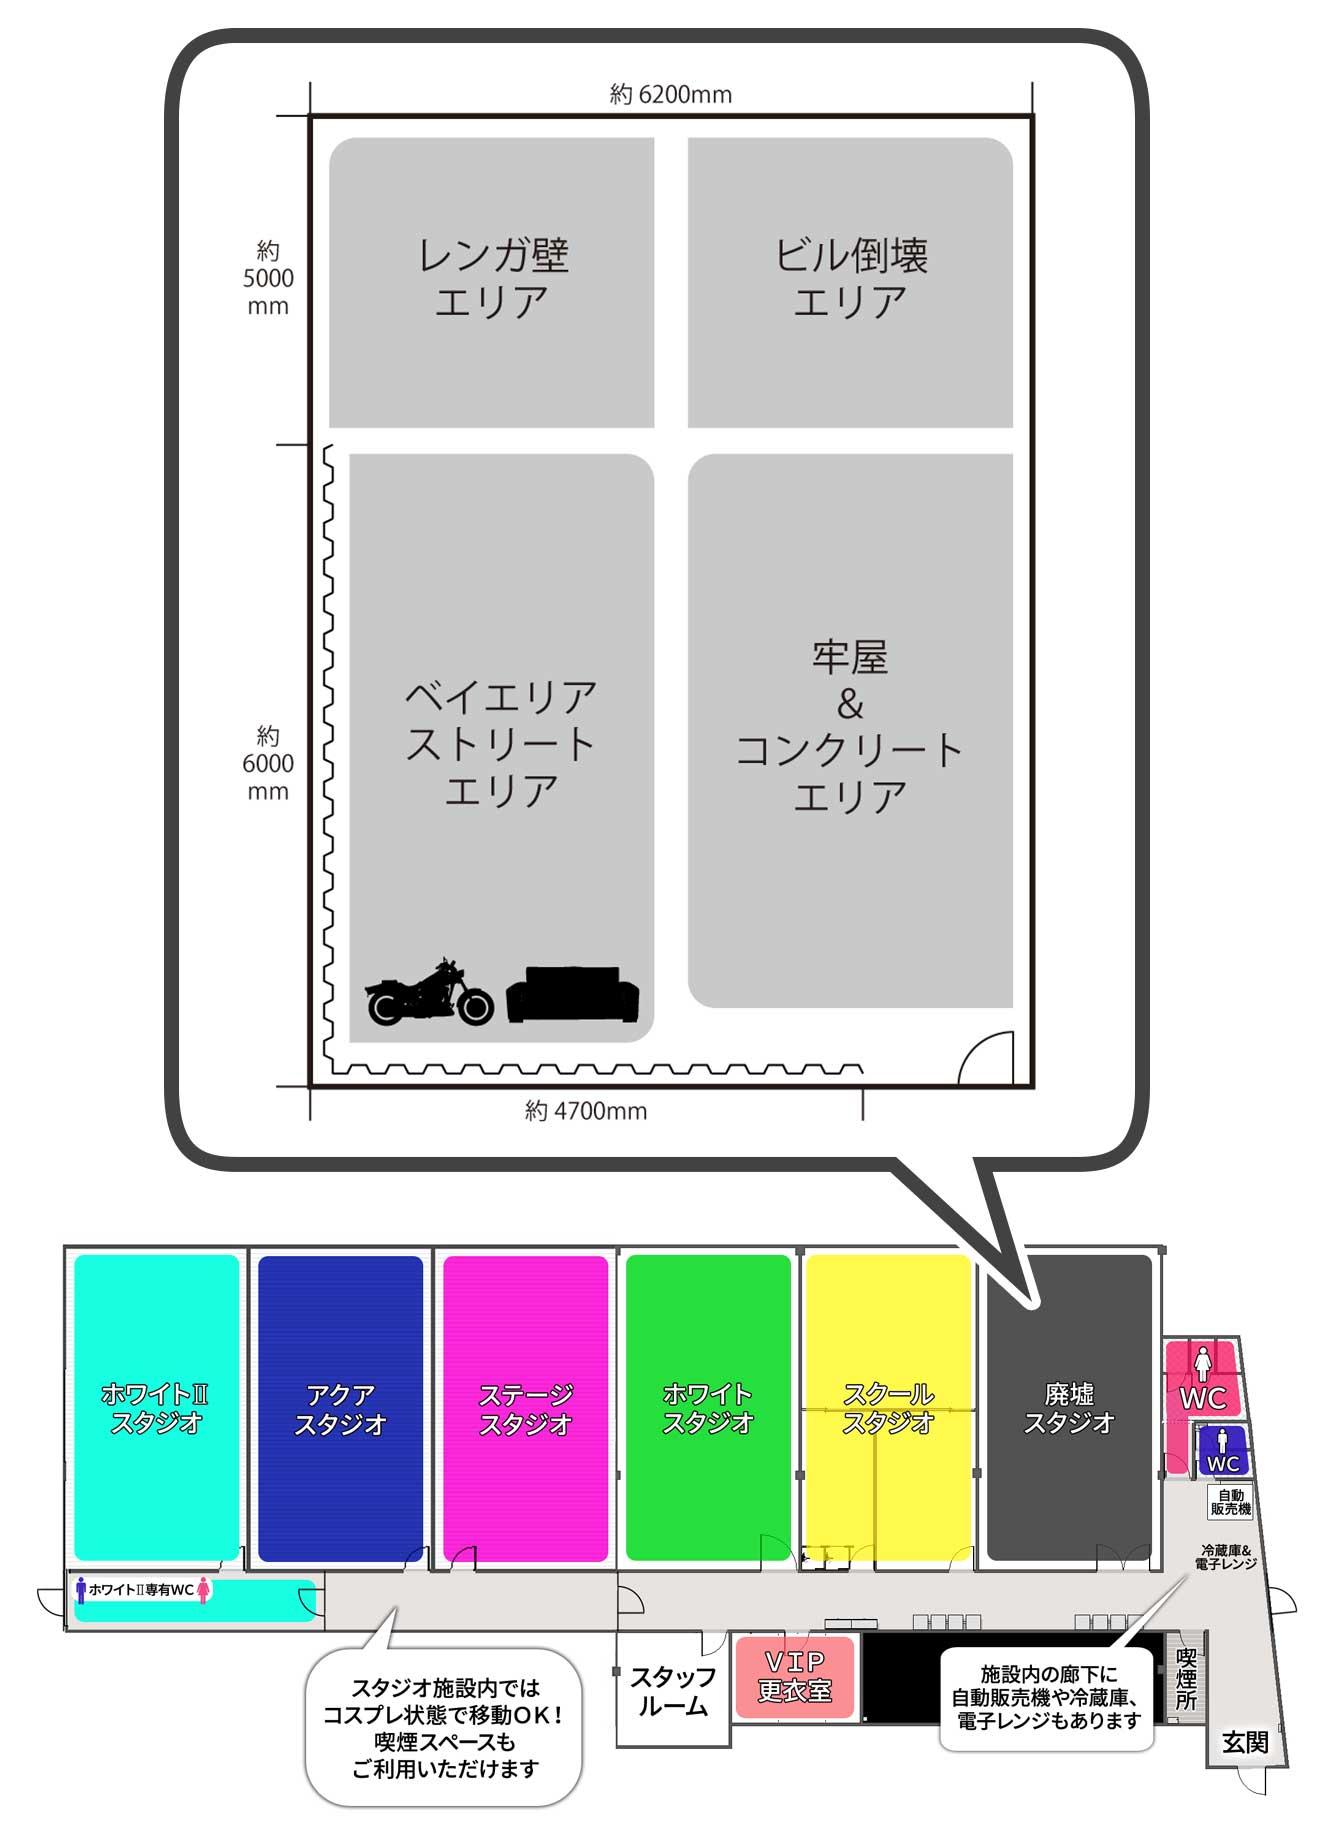 撮影スタジオ「スタジオクオリア新大阪店」の廃墟スタジオのブース03